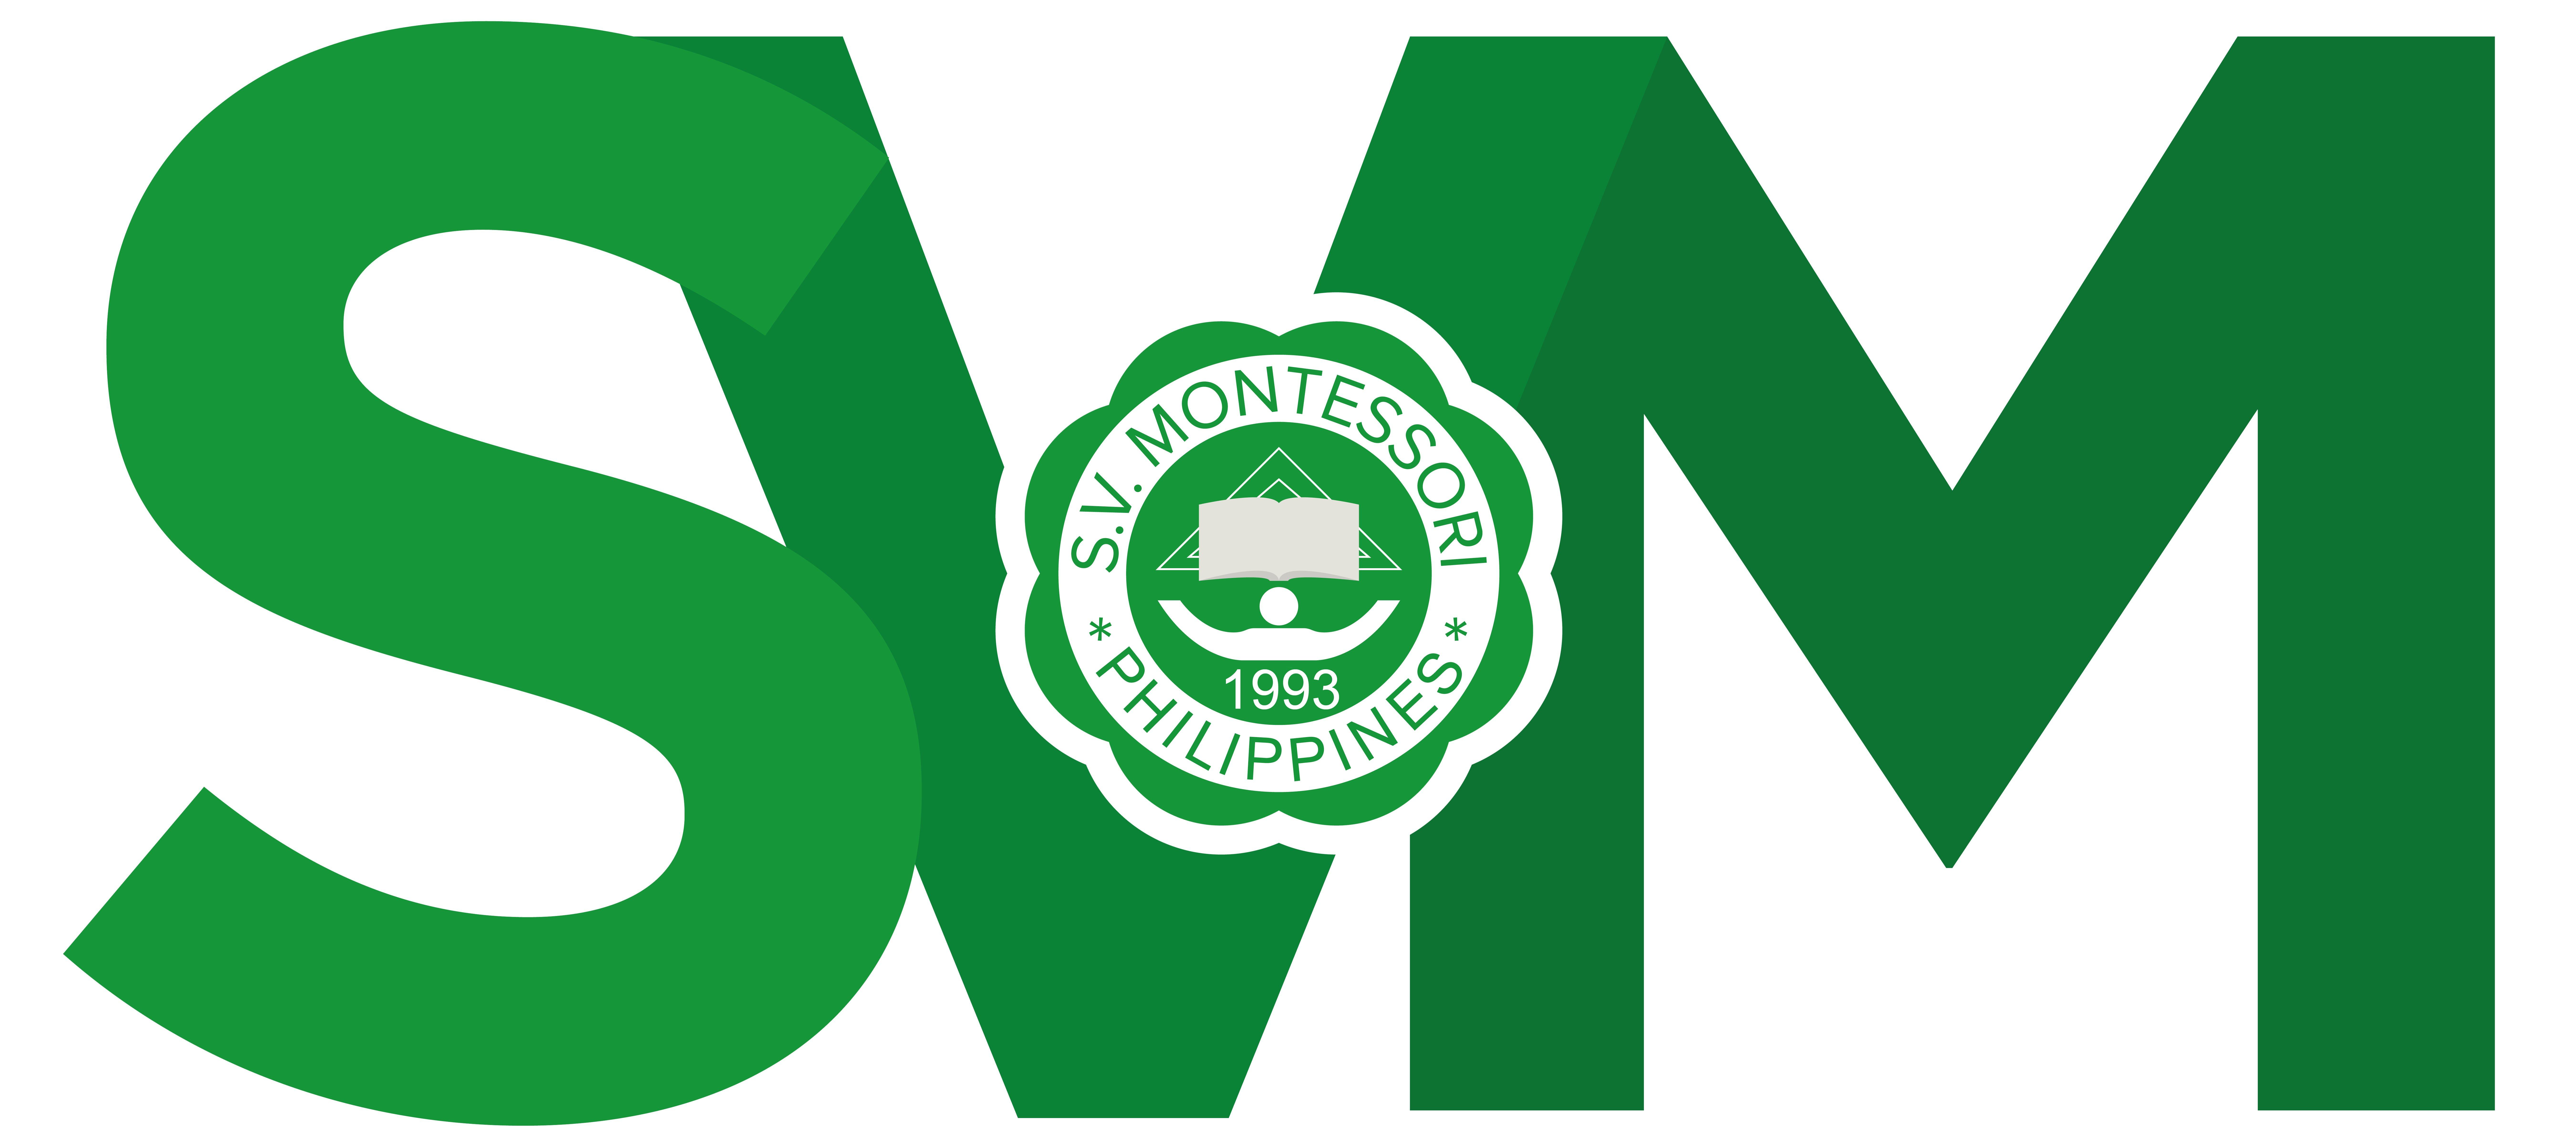 S.V. Montessori